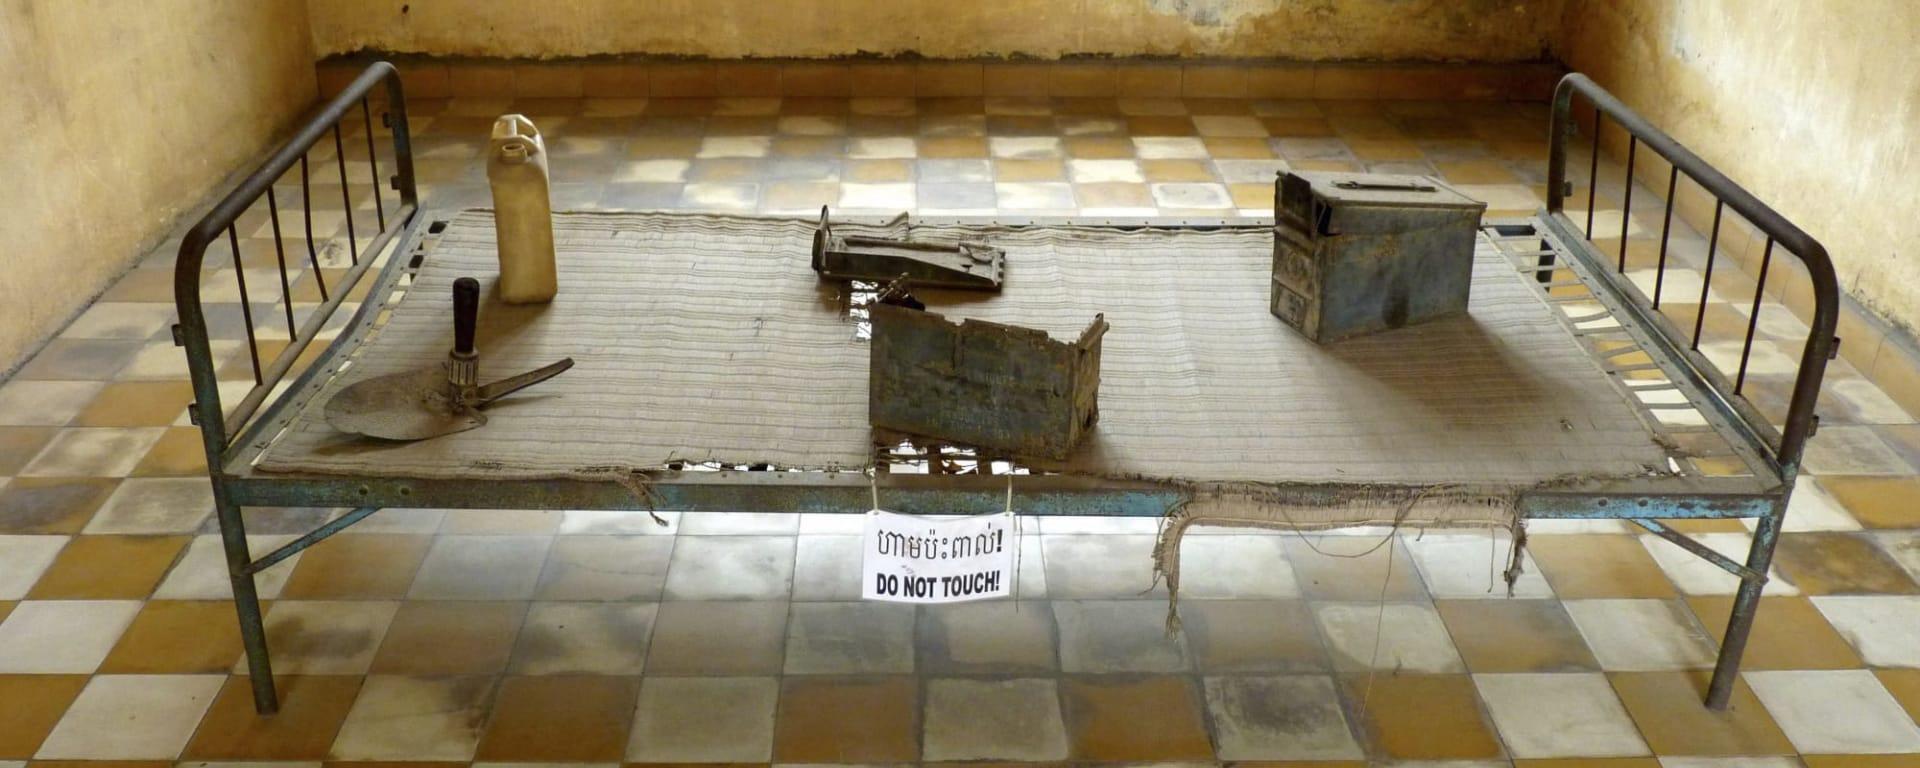 Tuol Sleng und Killing Fields, De, Halbtägig in Phnom Penh: Kambodscha Phnom Penh Toul Sleng Gefaengnis